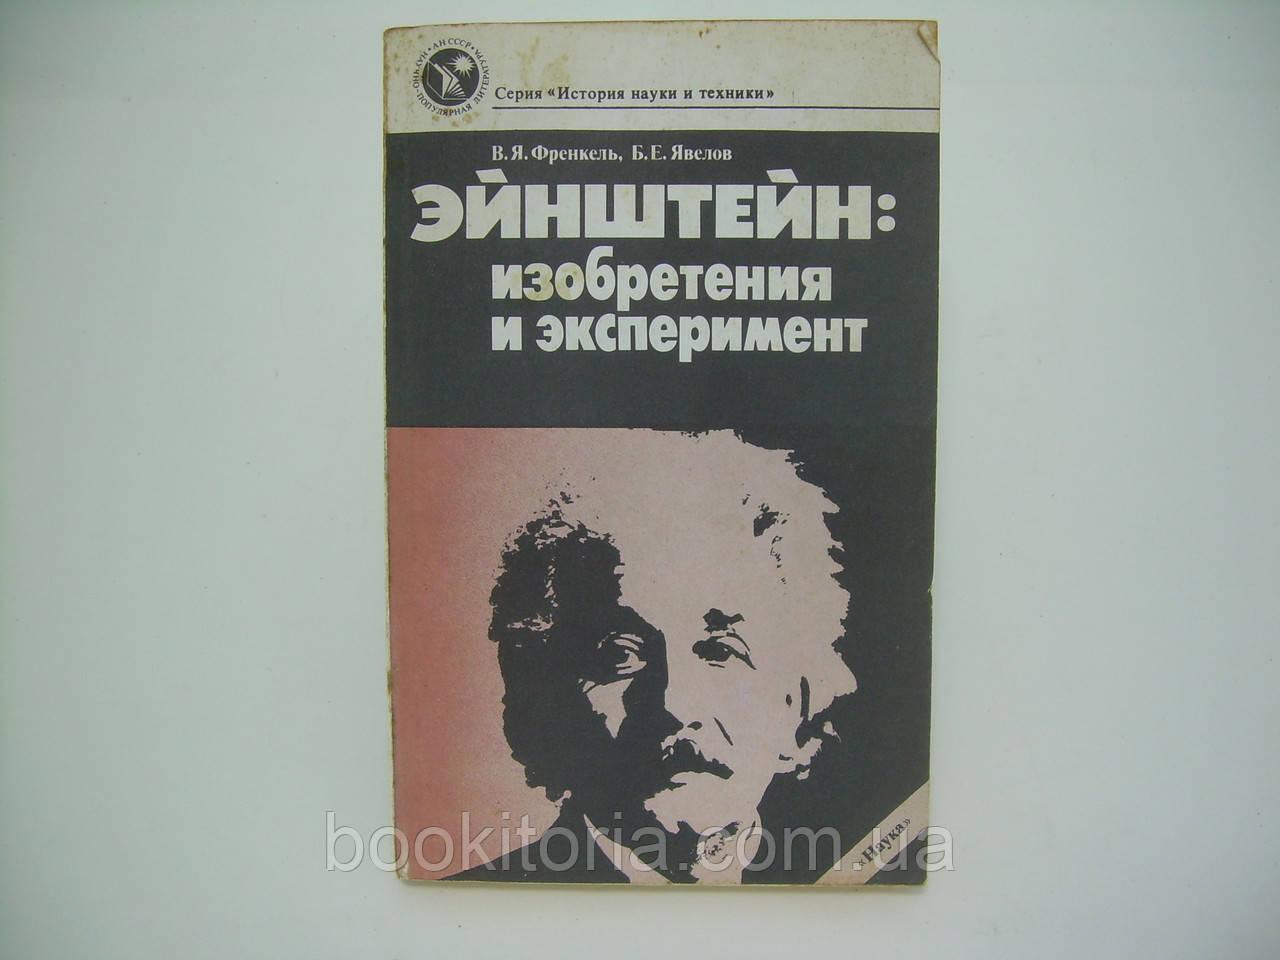 Френкель В.Я. и др. Эйнштейн: изобретения и эксперемент (б/у).